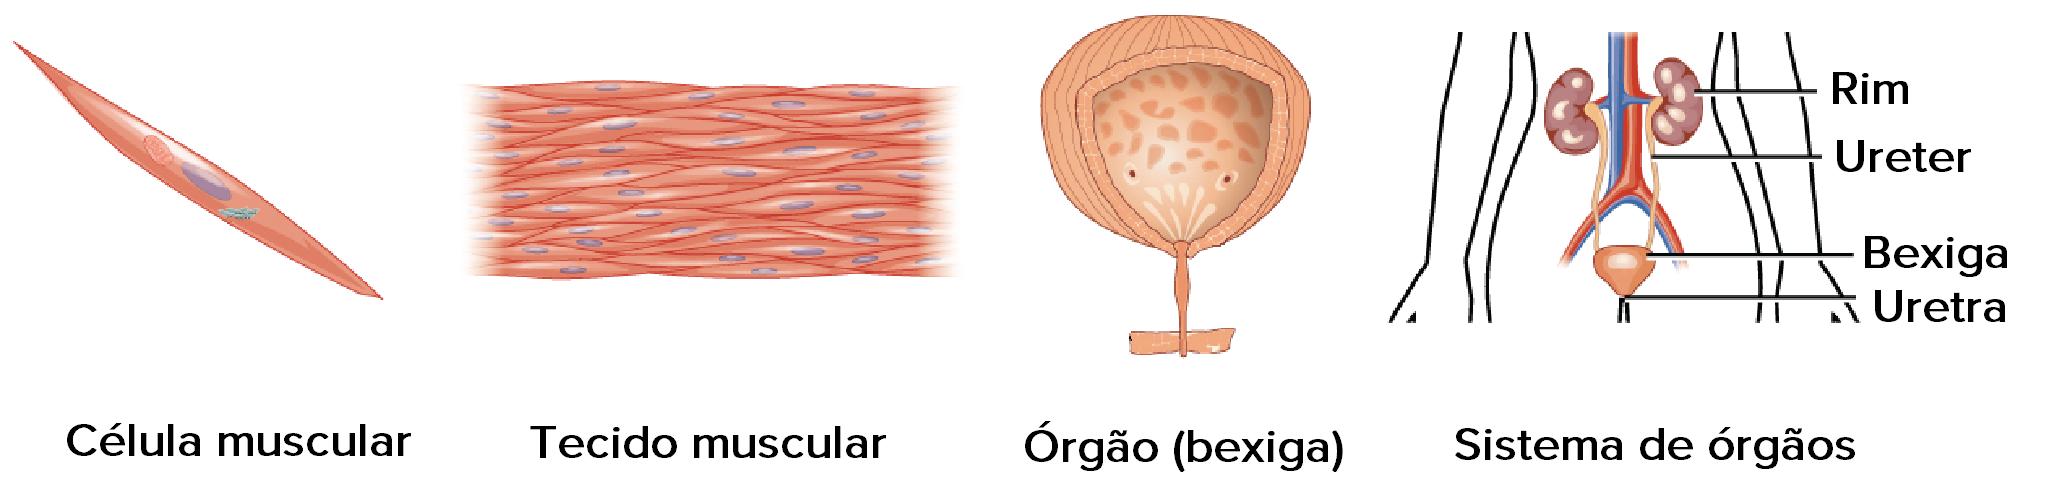 como o sistema imunológico trabalha com o sistema circulatório para manter a homeostase